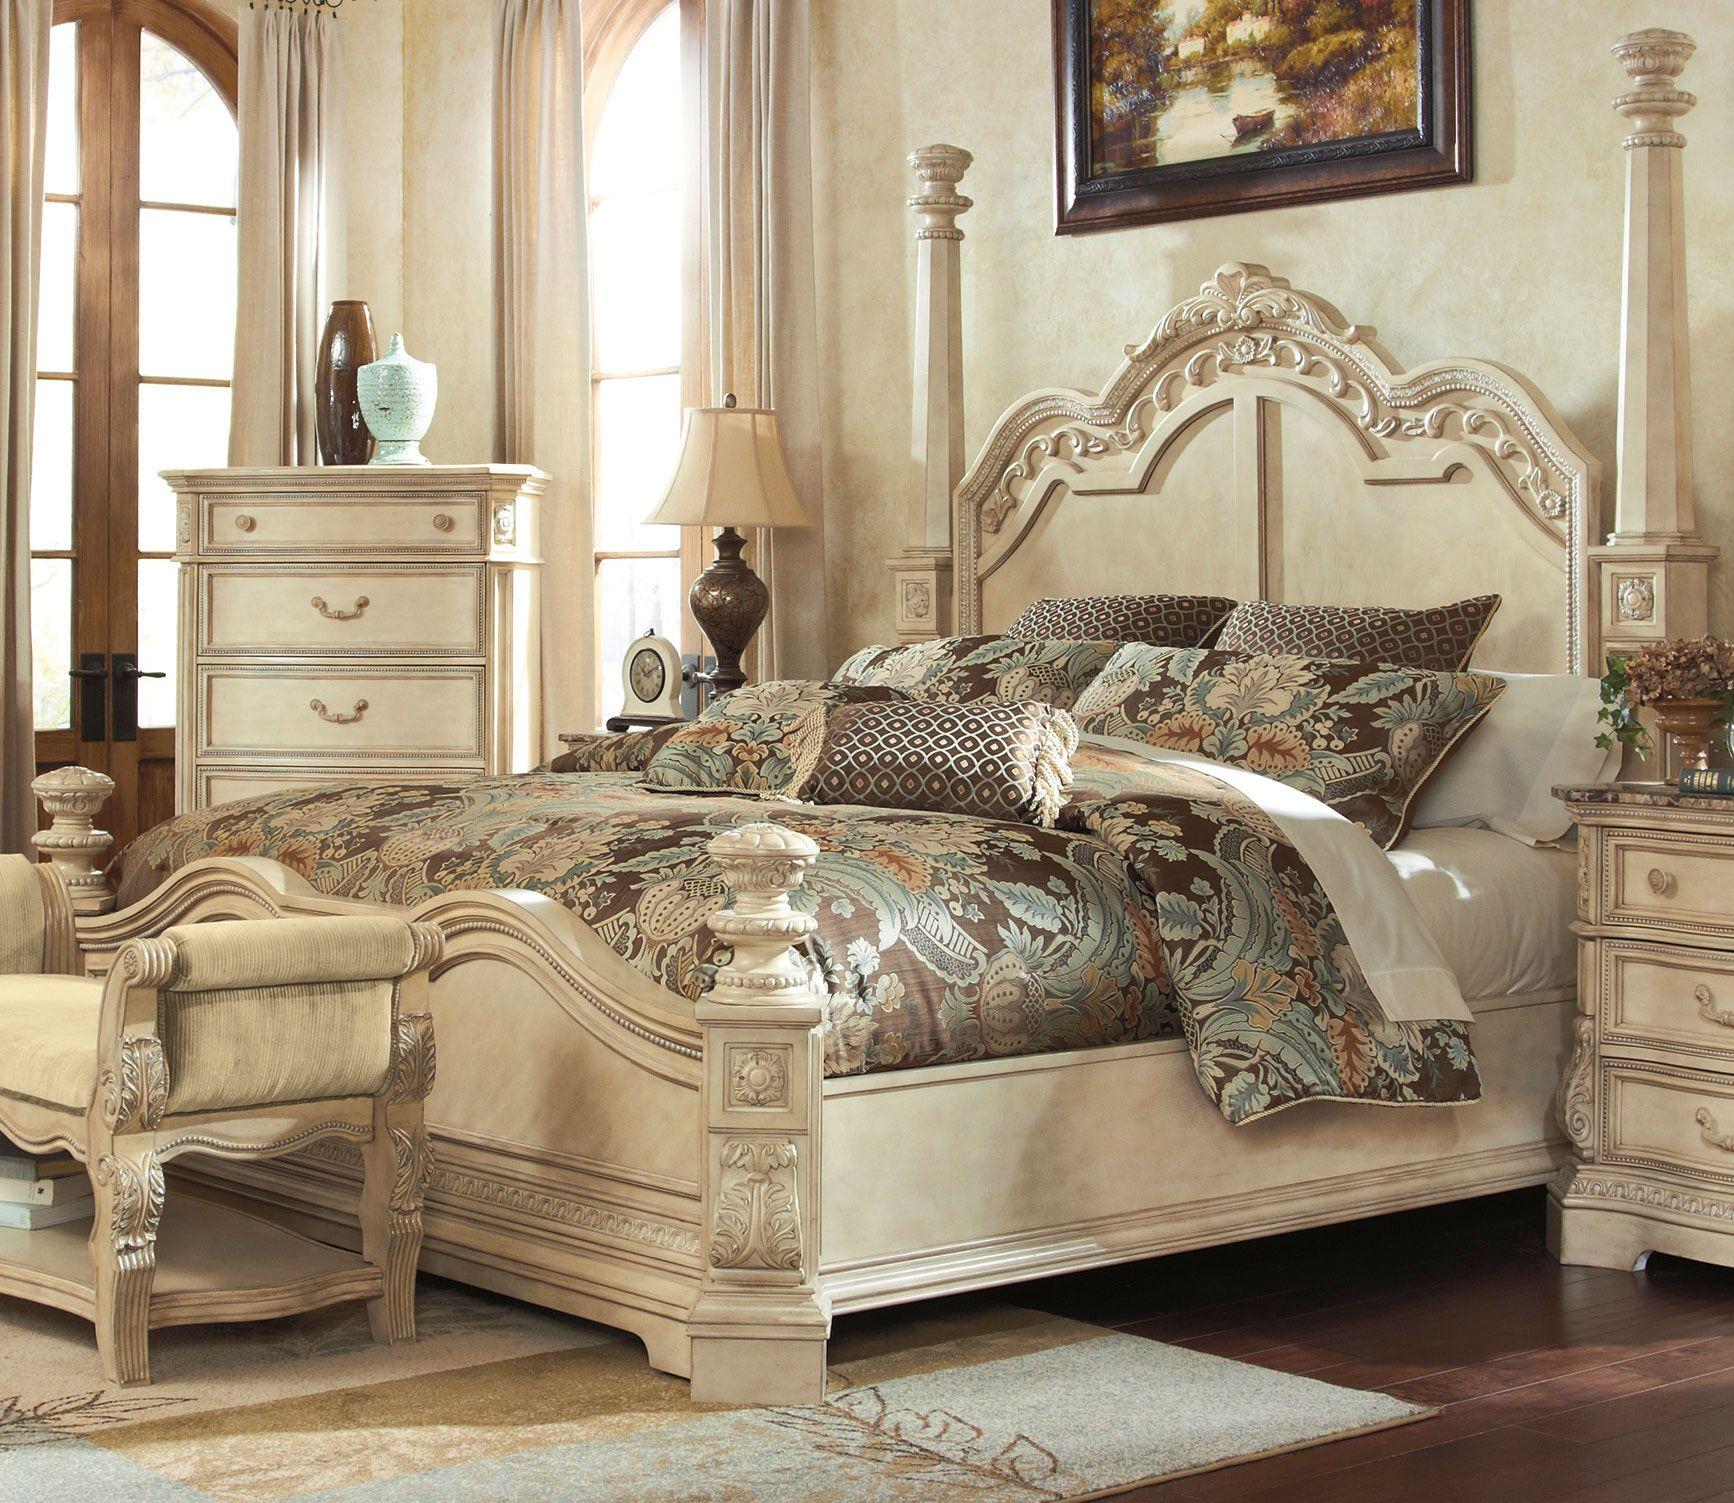 B707-pstrbed.jpg (1734×1503) | Furniture: Bedroom Furniture ...